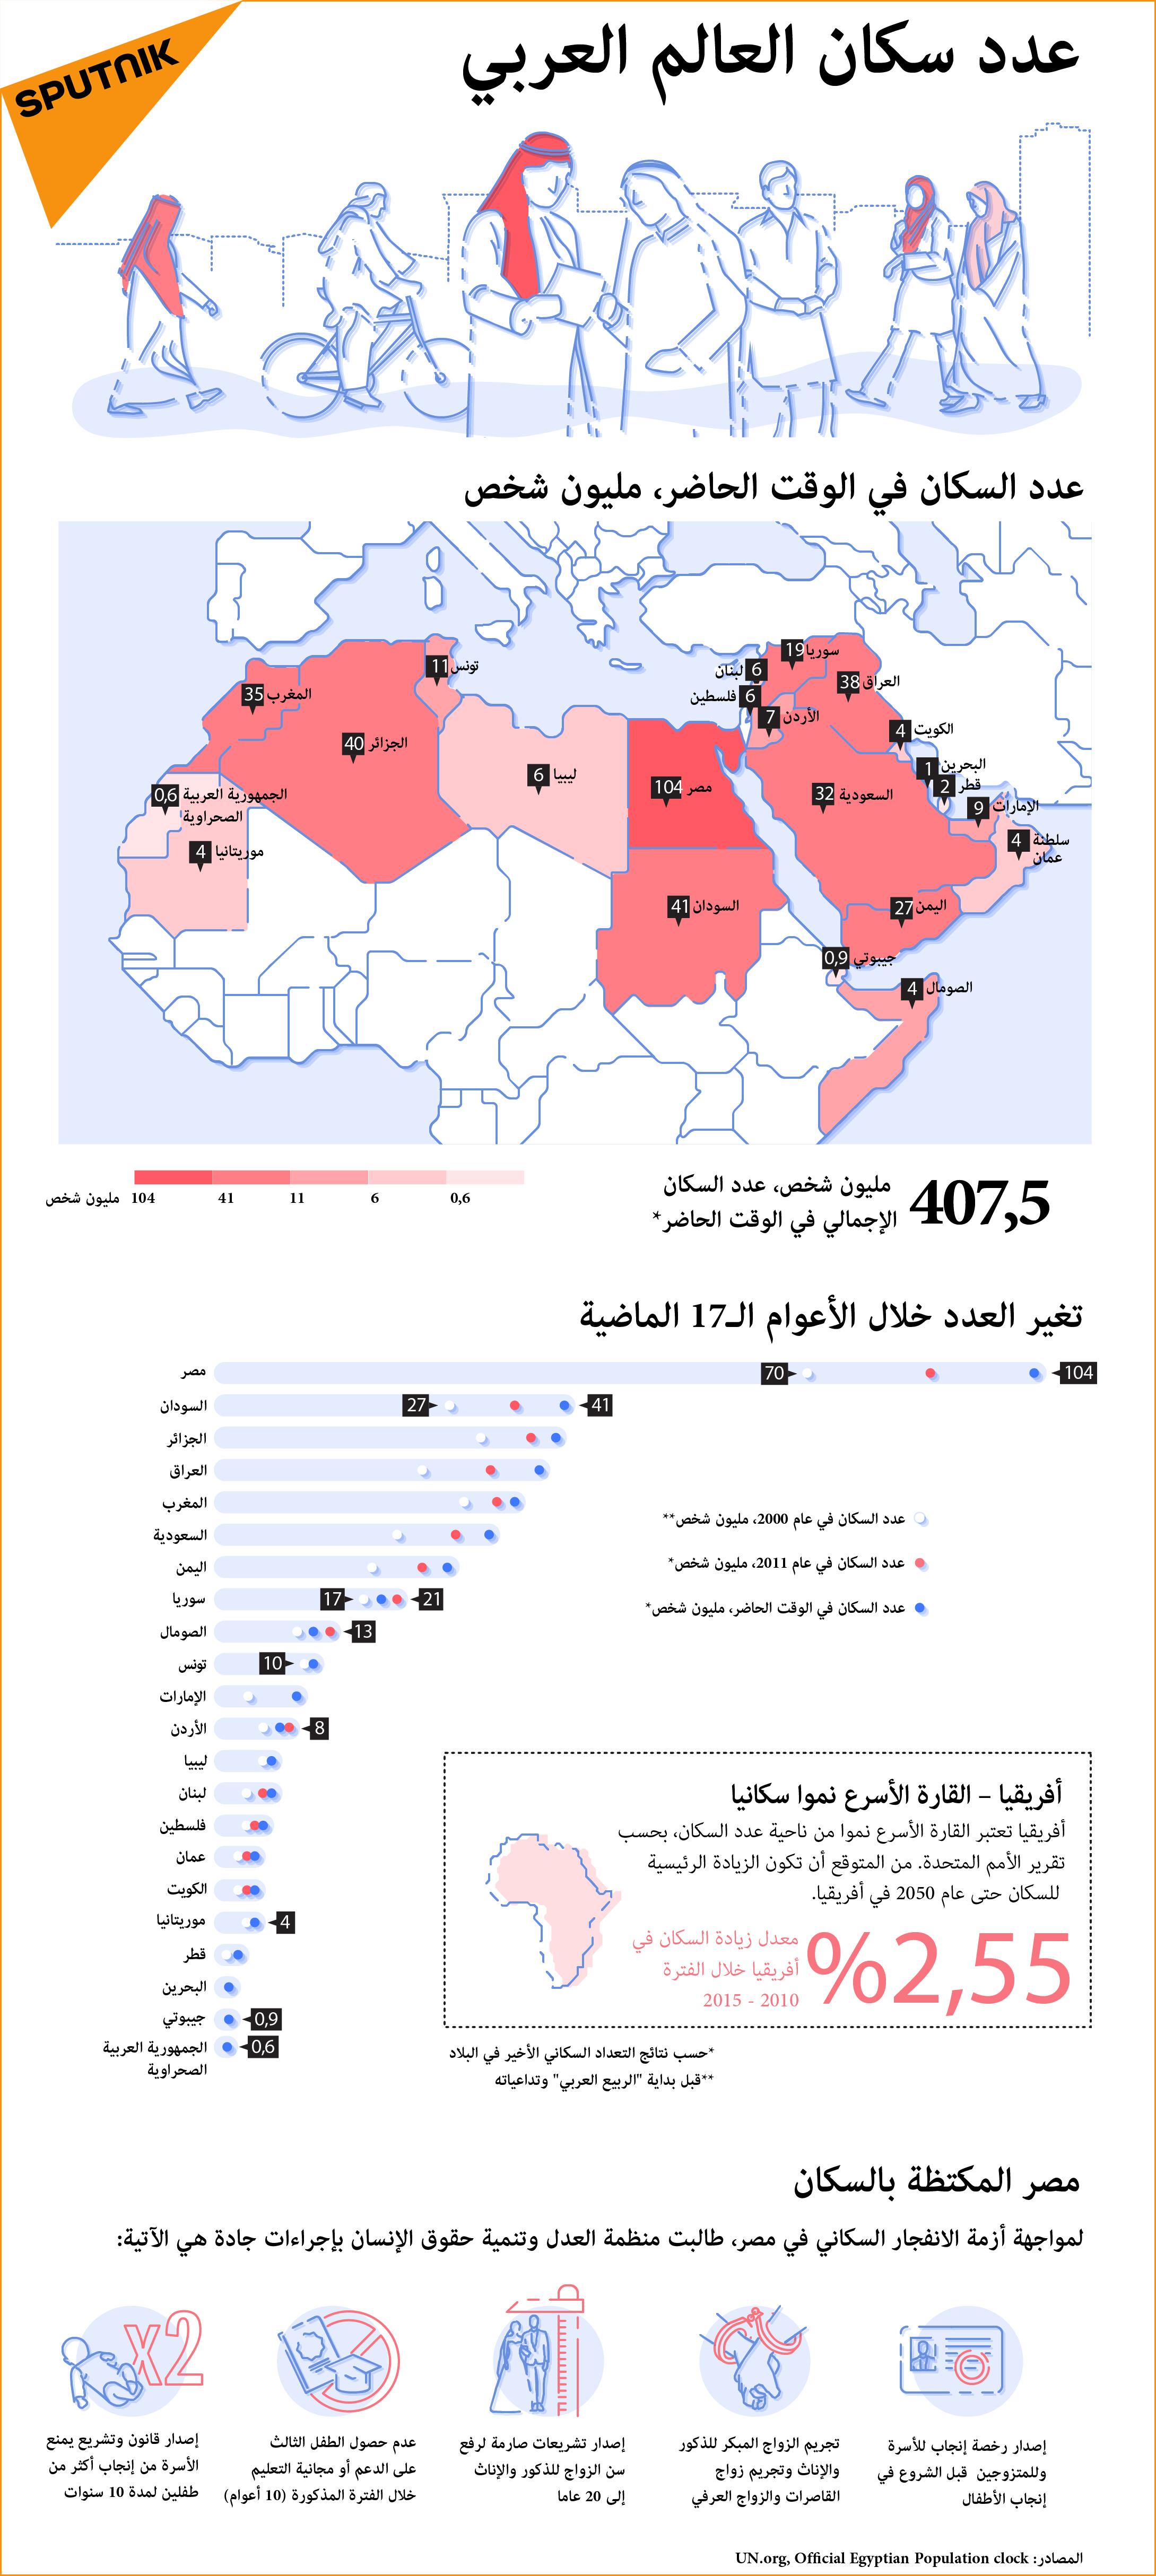 عدد سكان العالم العربي